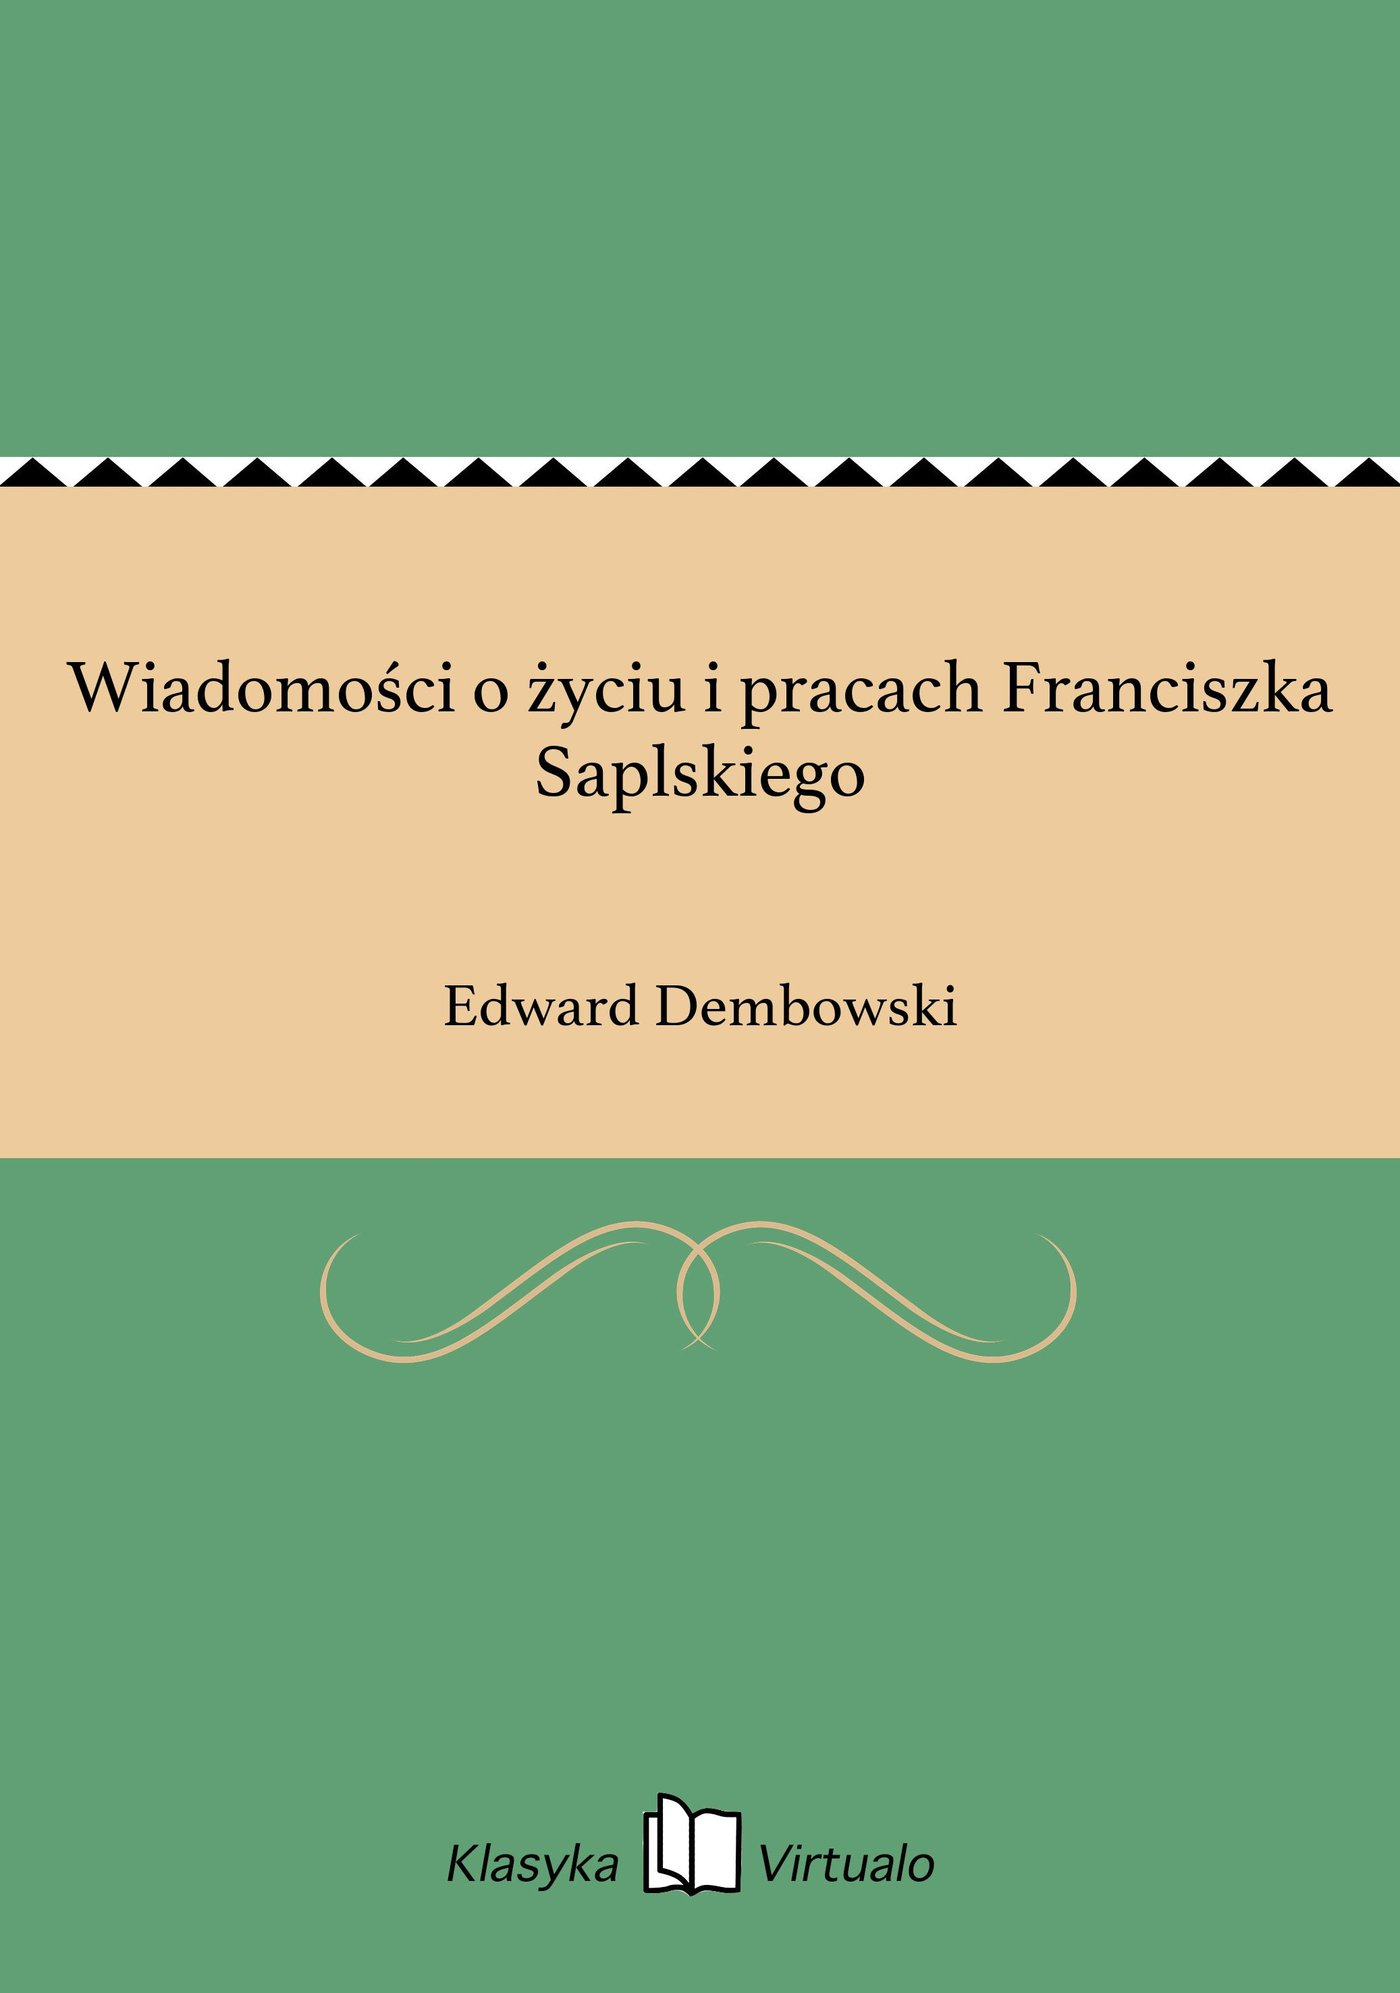 Wiadomości o życiu i pracach Franciszka Saplskiego - Ebook (Książka EPUB) do pobrania w formacie EPUB